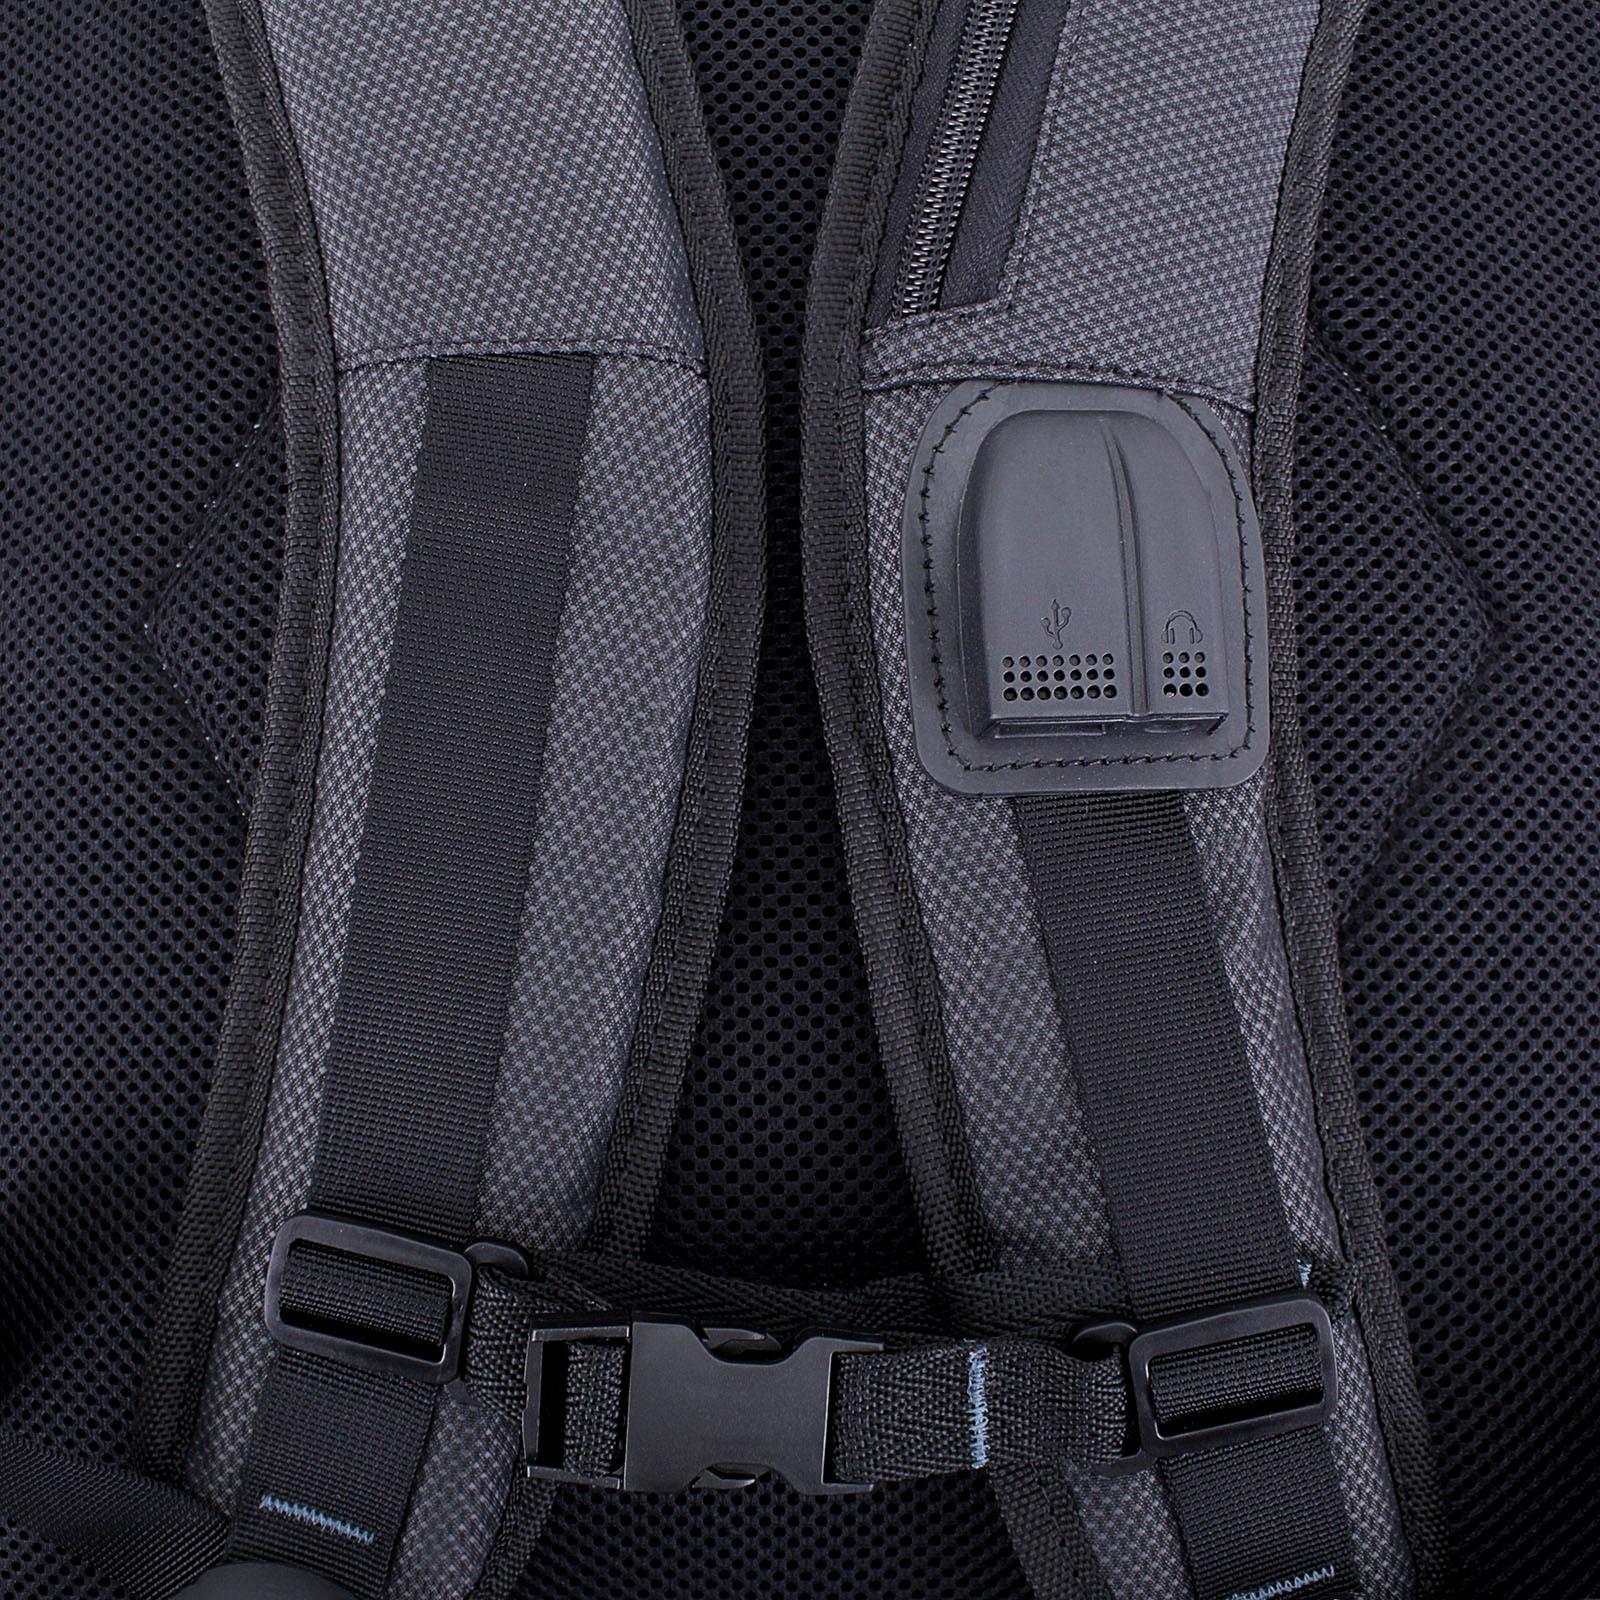 Рюкзак для ноутбука Bagland Tibo 23 л. Чёрный (0019066) фото 5